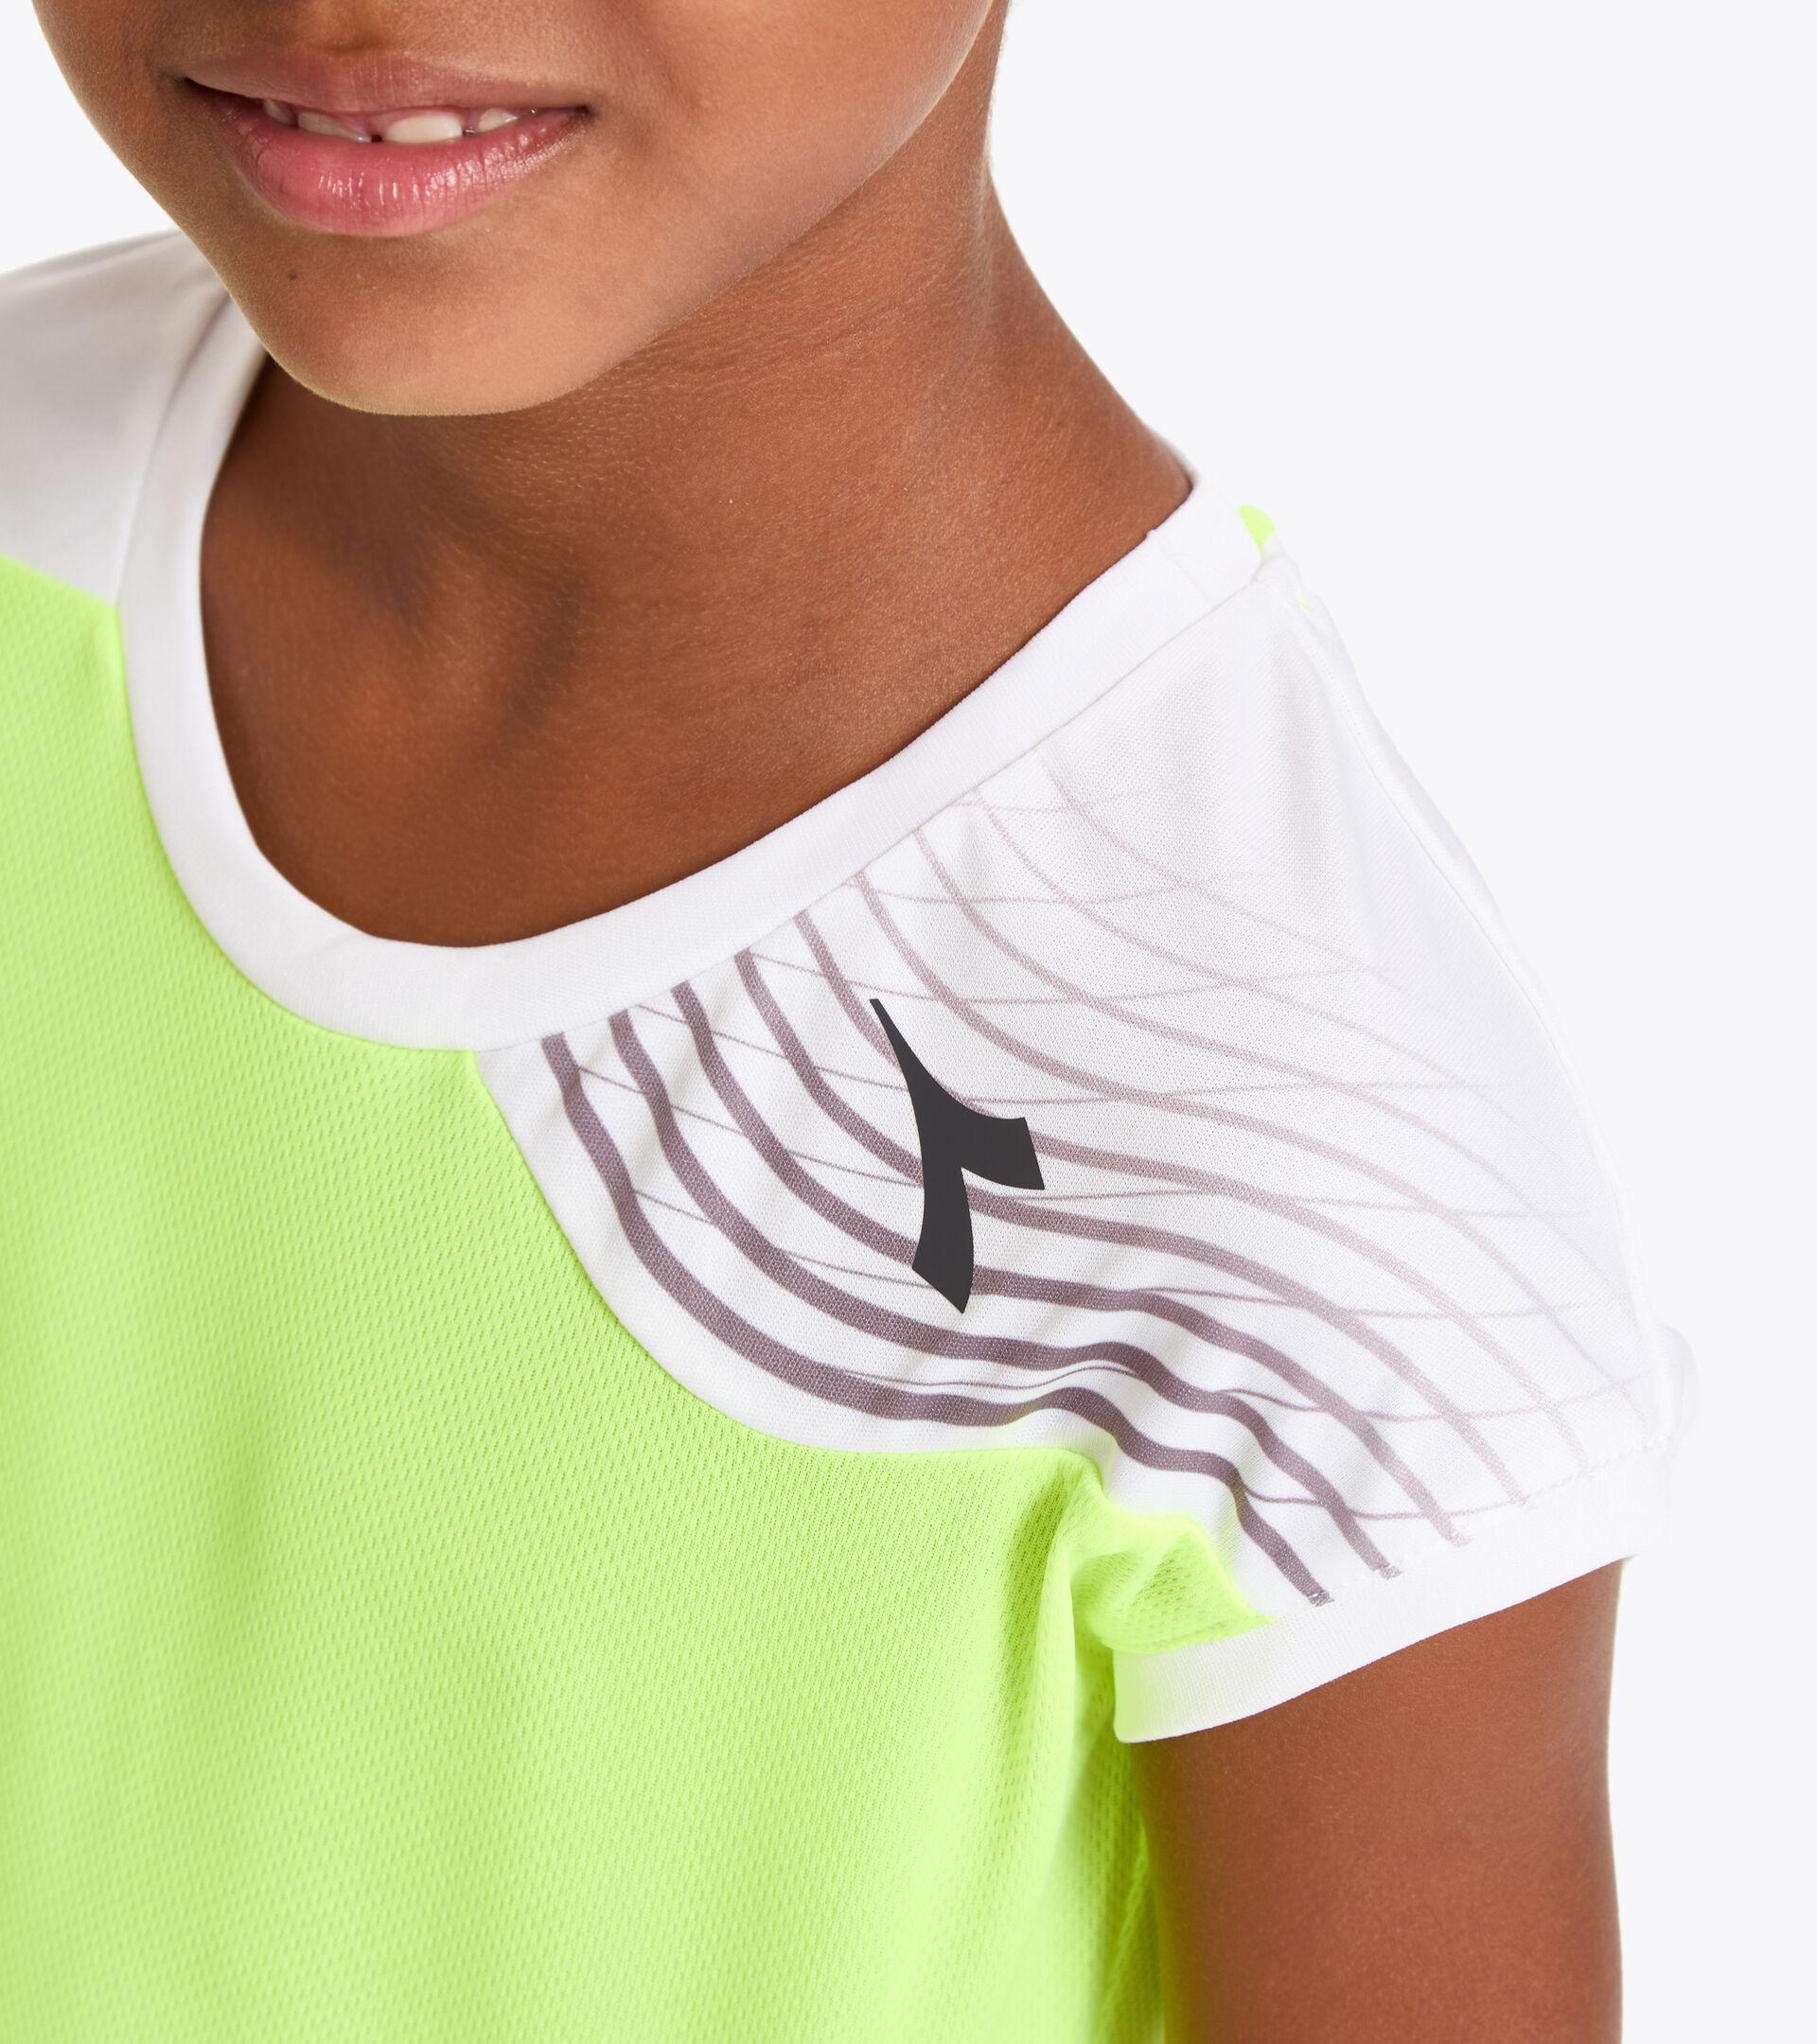 Camiseta de tenis - Junior G. T-SHIRT COURT AMARILLO FLUO DD - Diadora